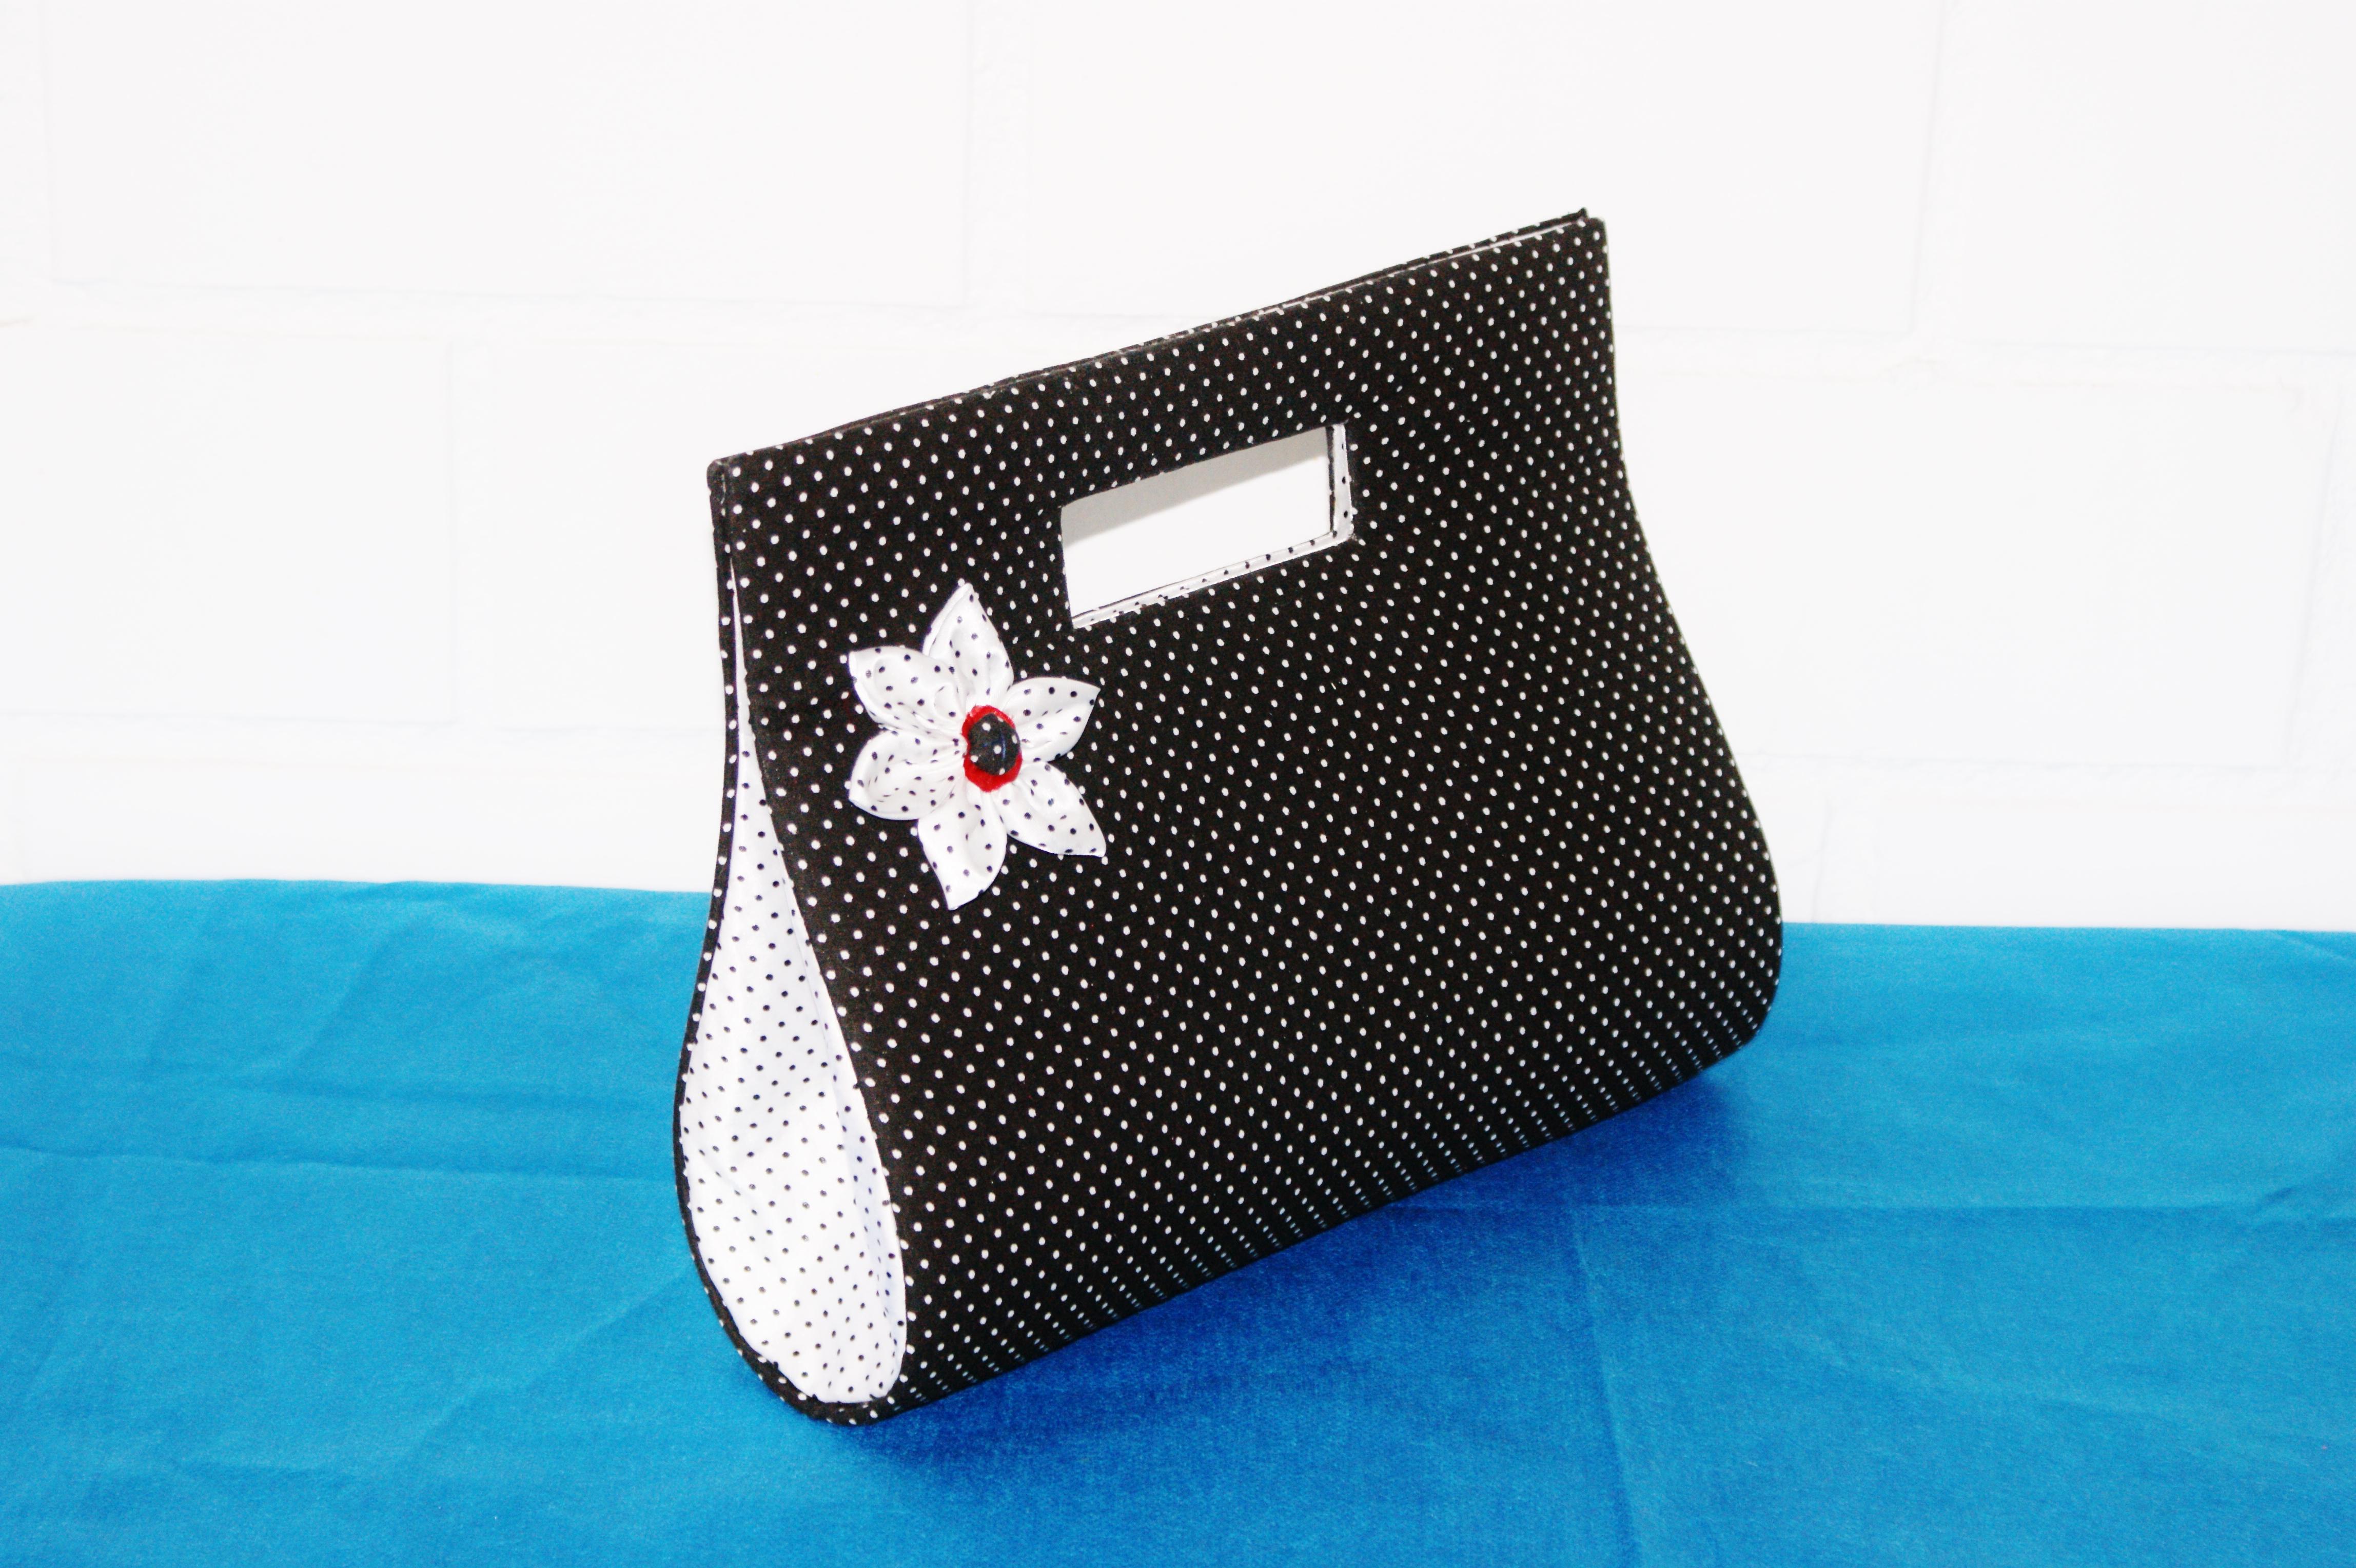 Bolsa De Mão Feita De Caixa De Leite : Caixinha modelo caixa de leite para zairene pinheiro